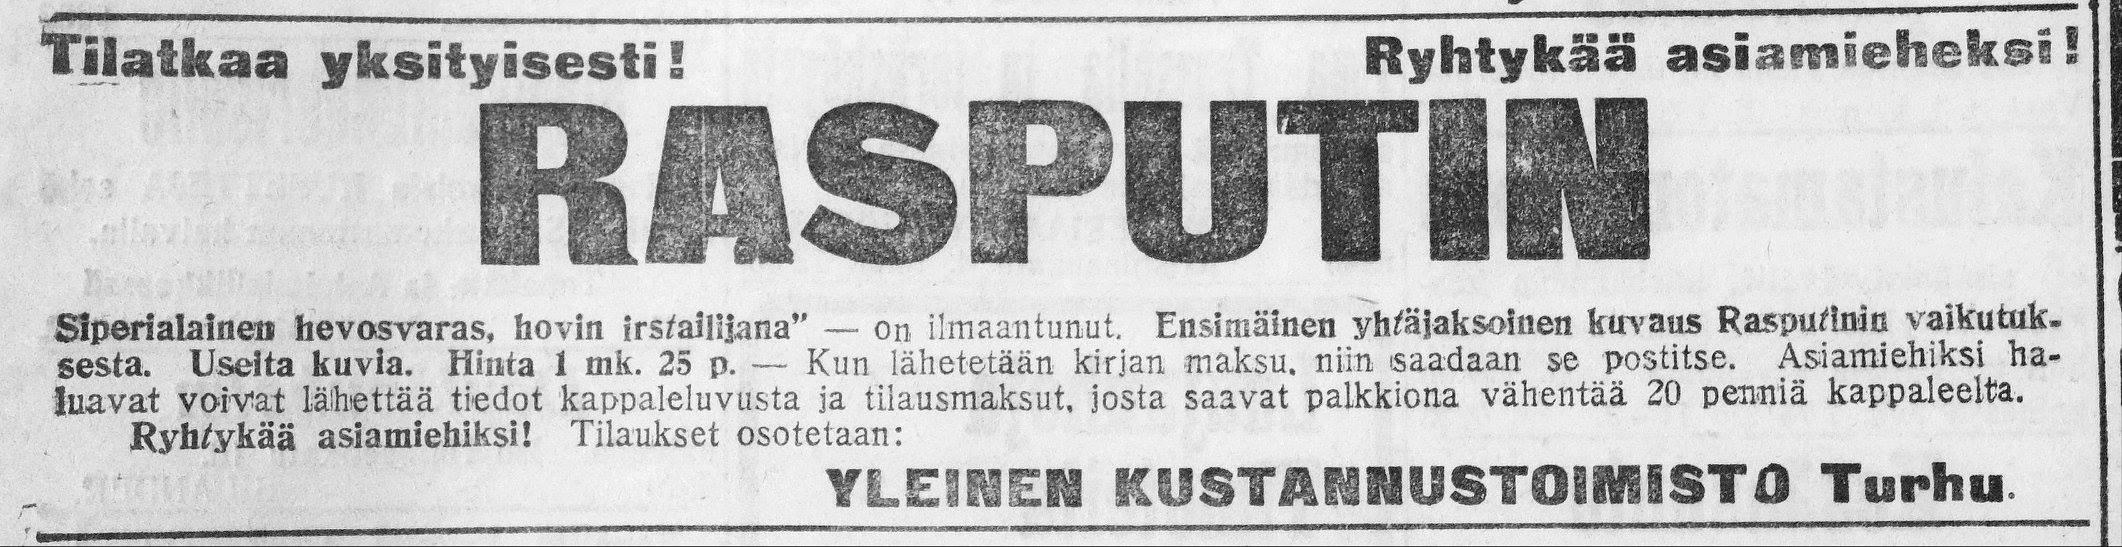 """Ensimmäisiä markkinoille ehtineitä oli Turussa julkaistu """"Rasputin– siperialainen hevosvaras hovin irstailijana"""". Ilmoitus Turun Sanomissa 6.5.1917."""